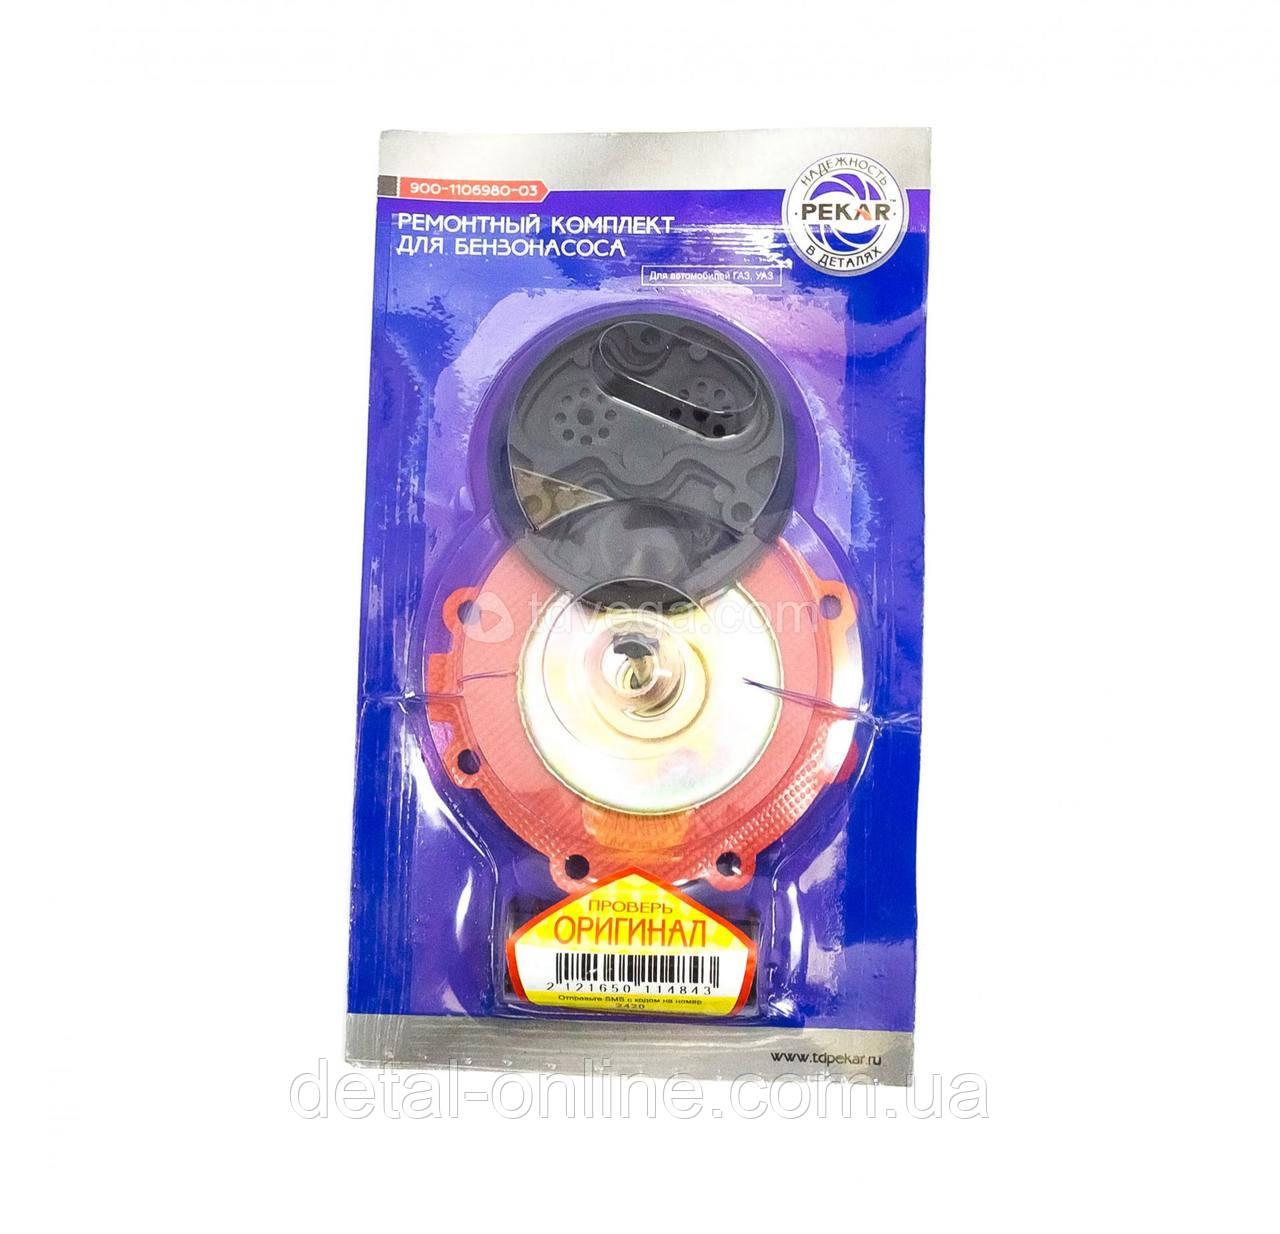 900-1106980-03 ремкомлпект насоса топливного 900 (4 наименования.) дв. ЗМЗ 402,-406, УМЗ -417 (производство  П